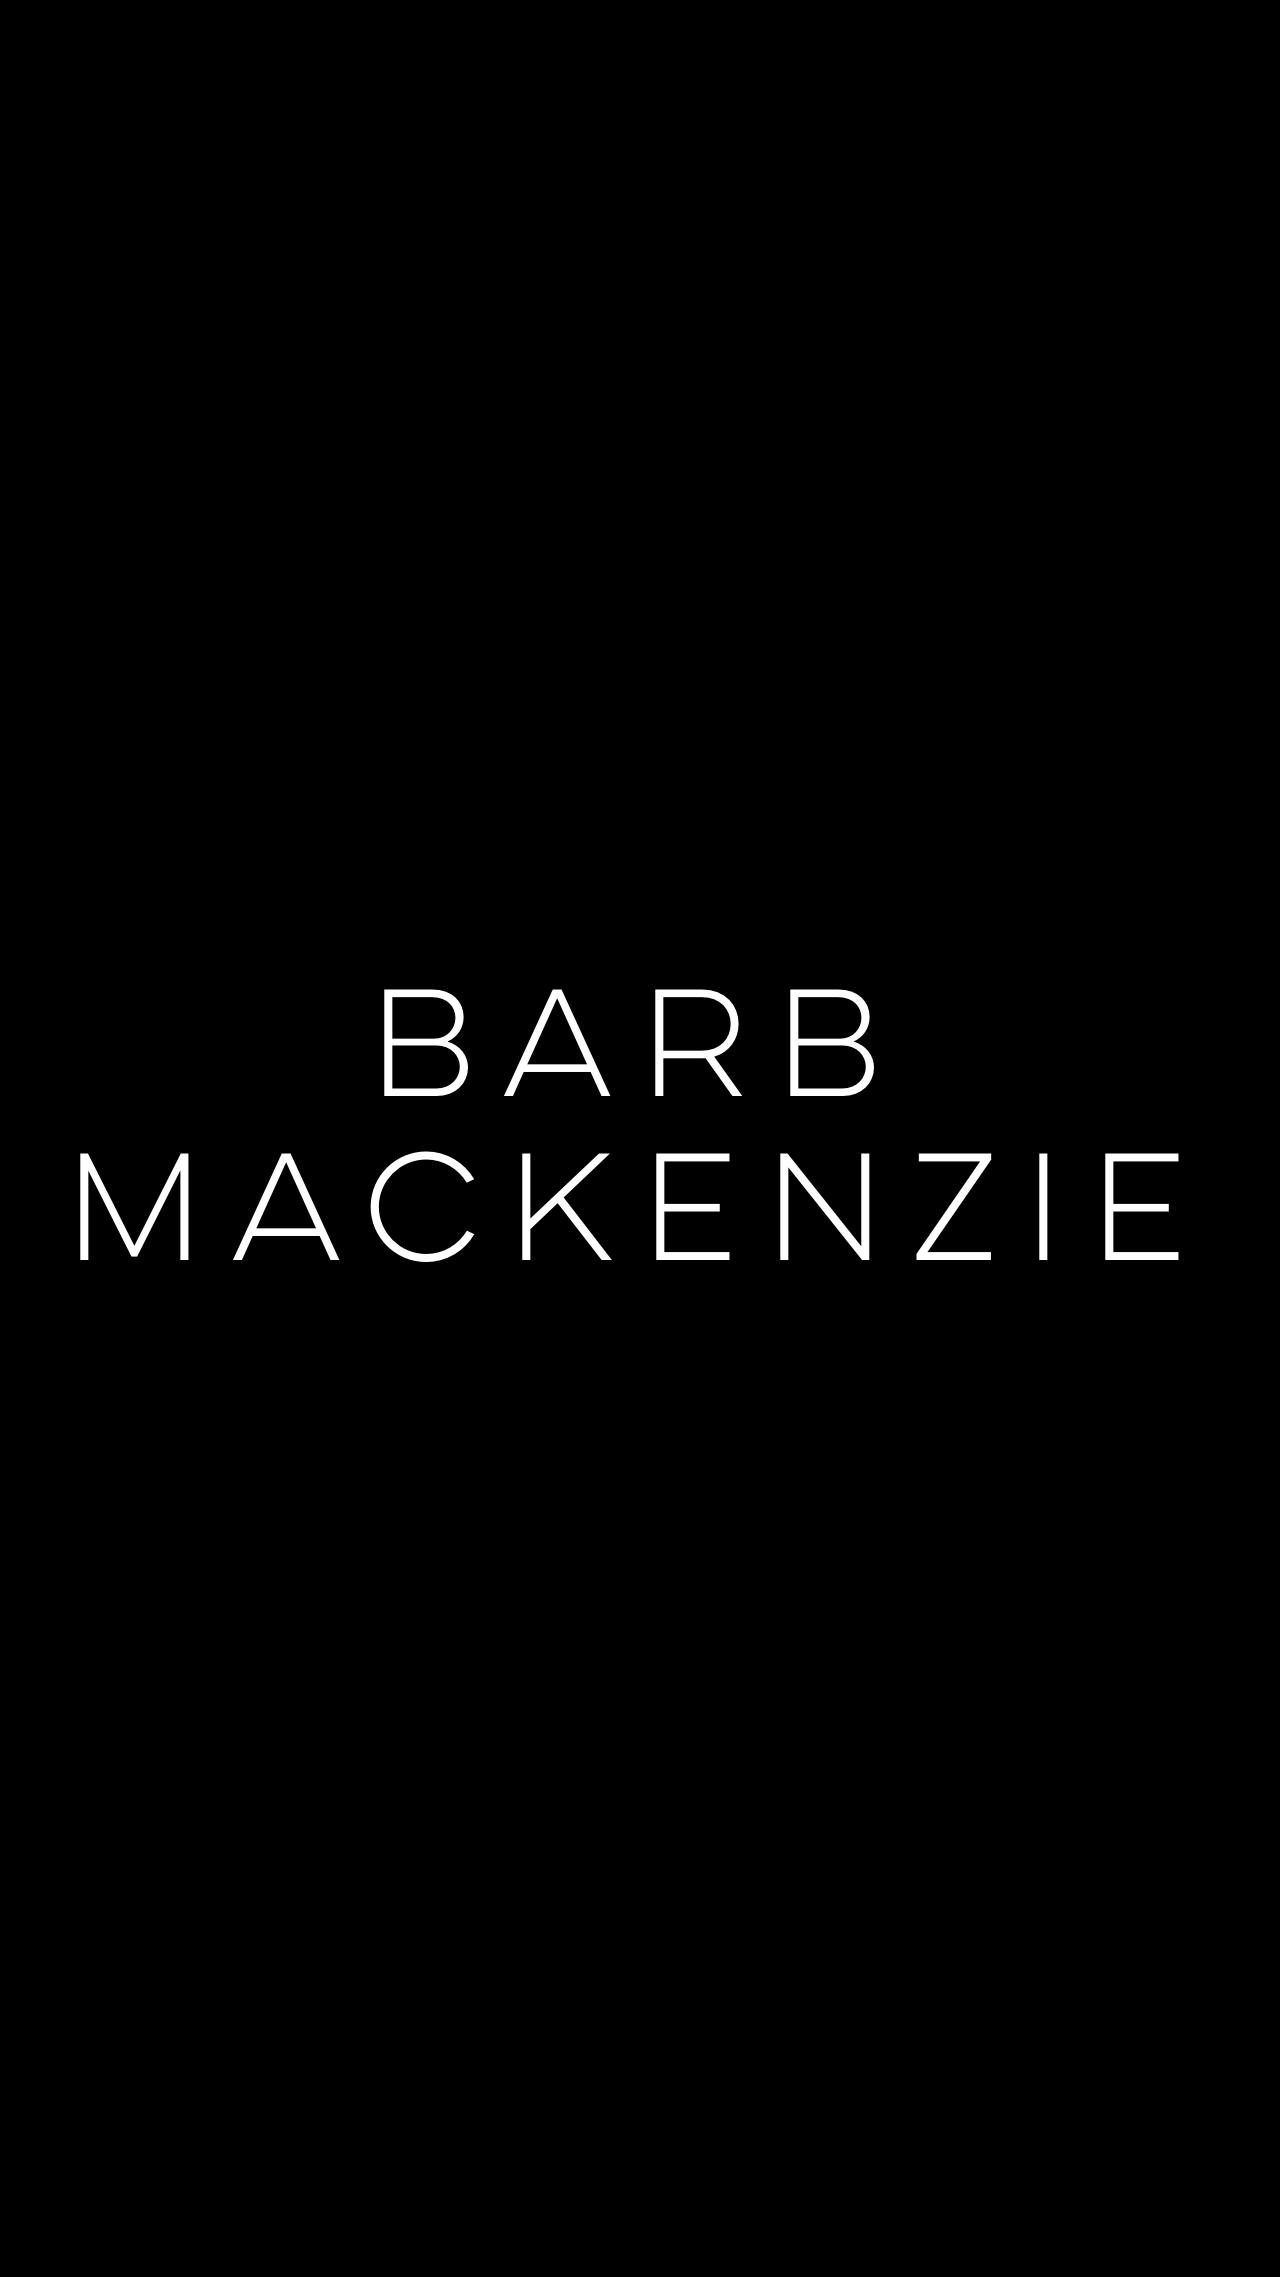 BARB MACKENZIE.jpg